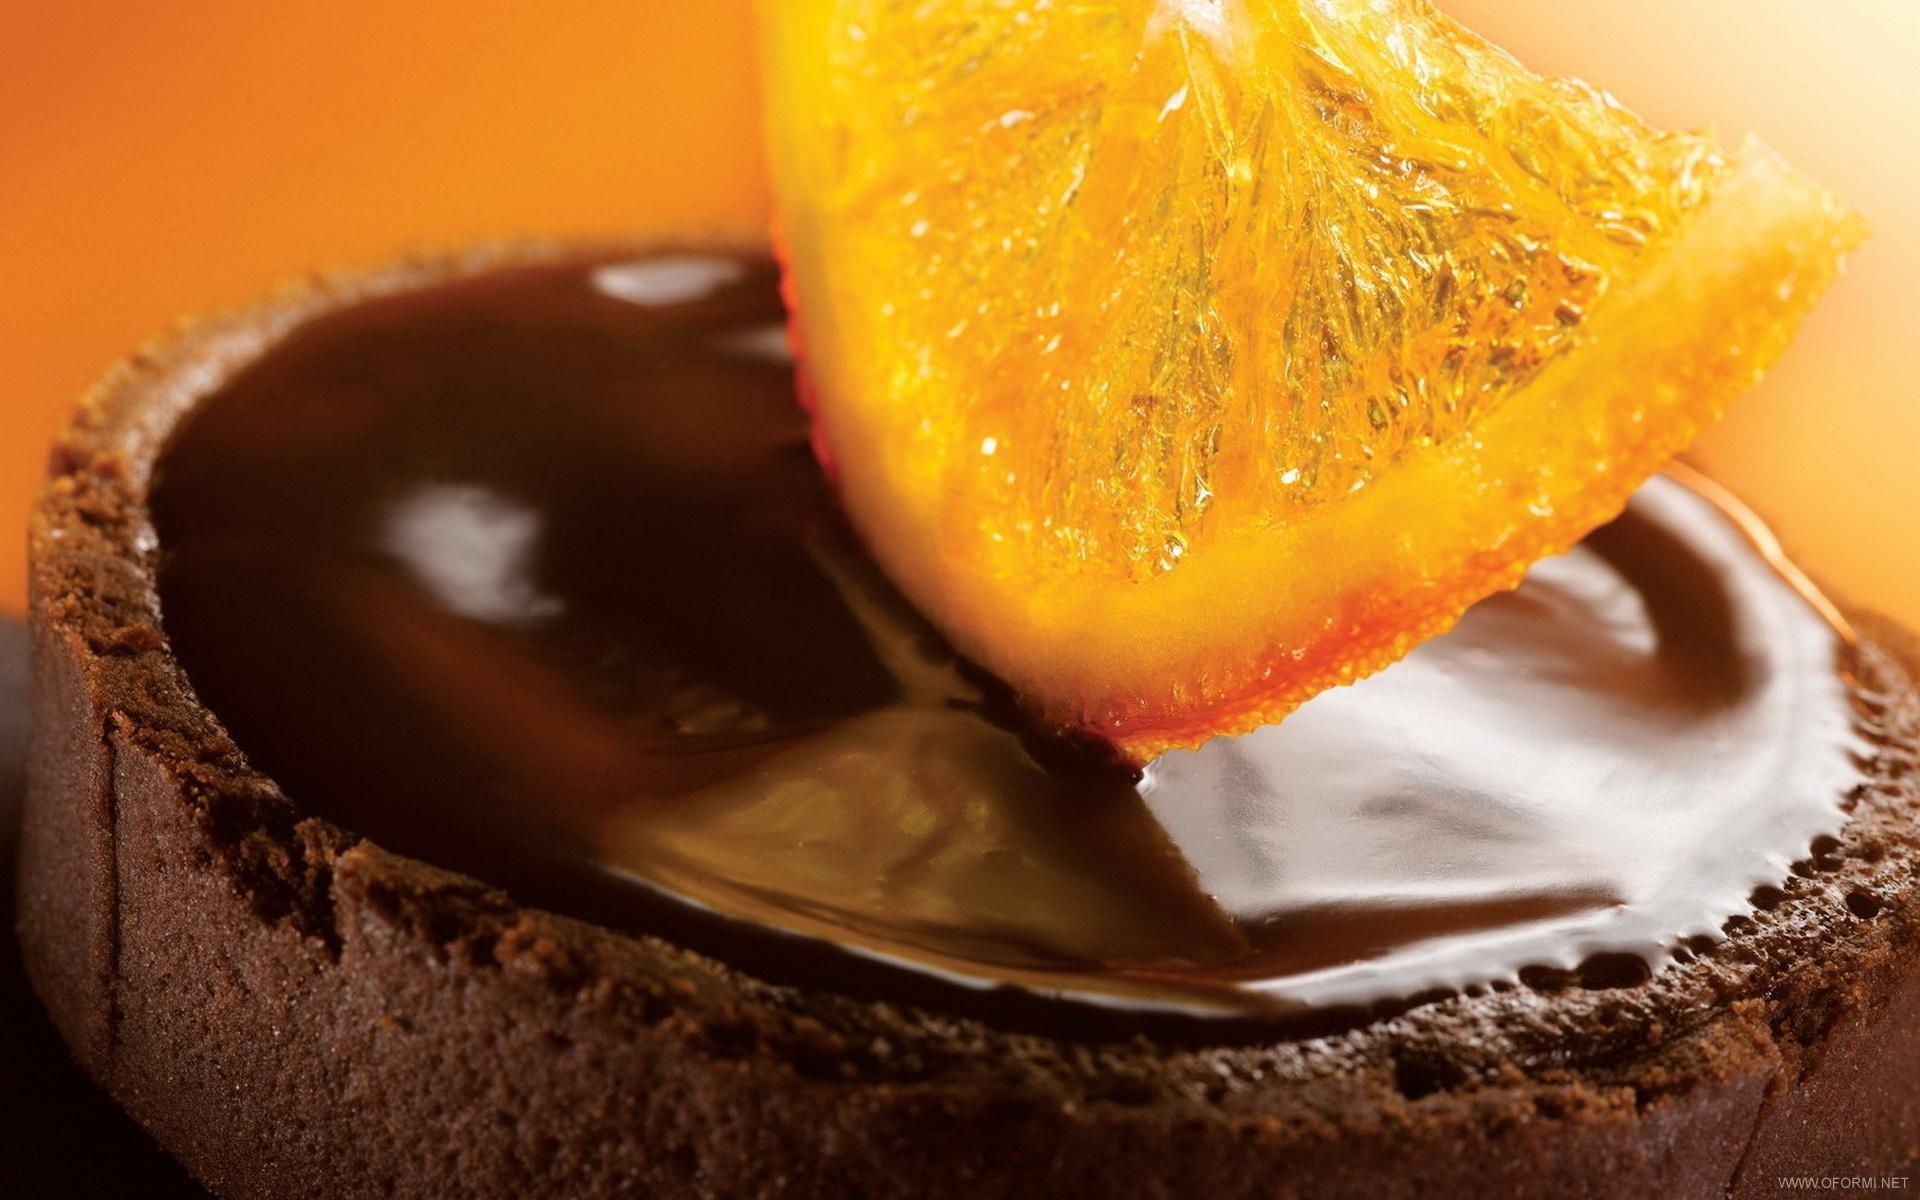 апельсин в шоколаде, шоколад, обои на рабочий стол